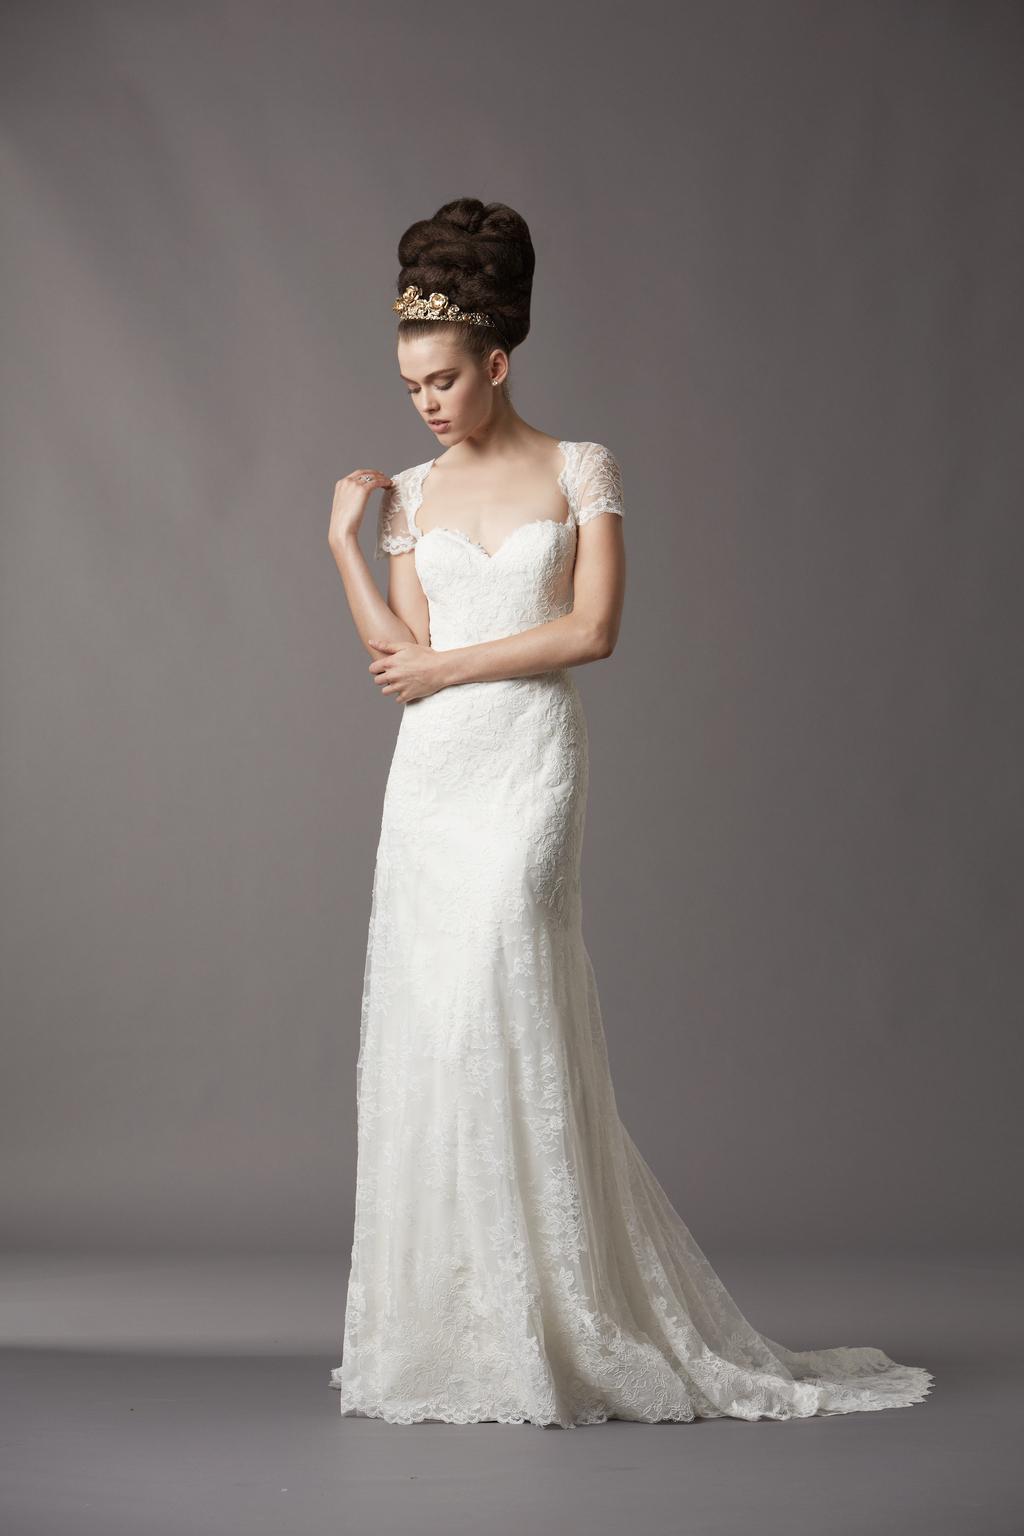 Watters-bridal-gowns-fall-2013-wedding-dress-4068b.full